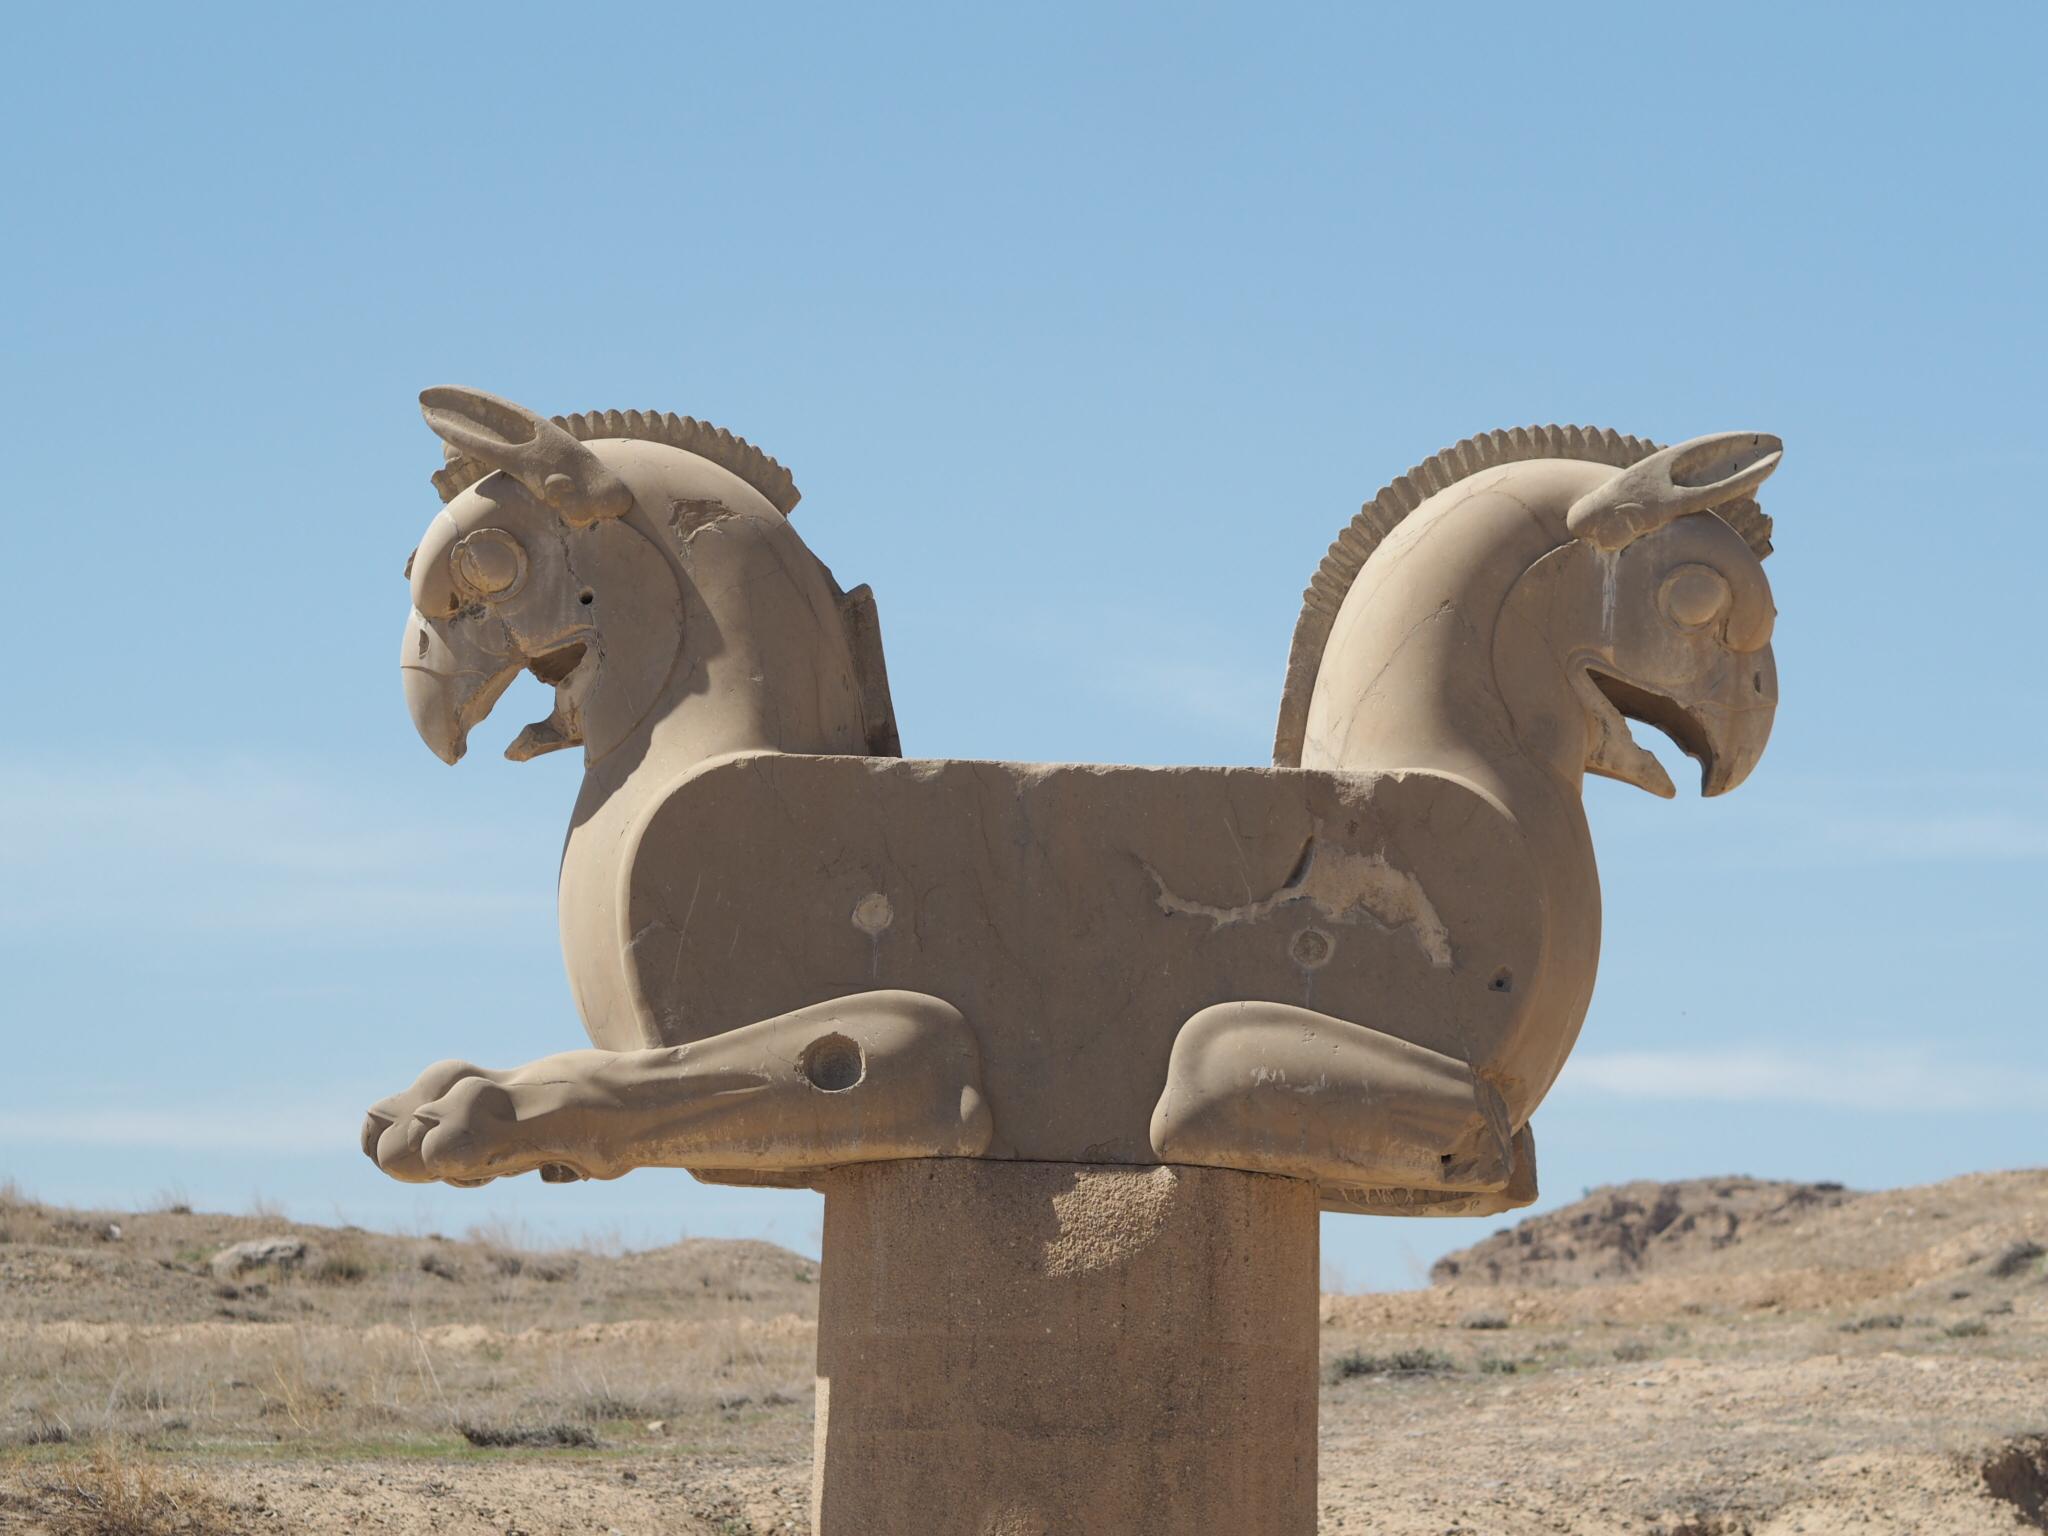 Gruzja-Armenia-Iran-Stambuł. Dzień 11: Persepolis 6